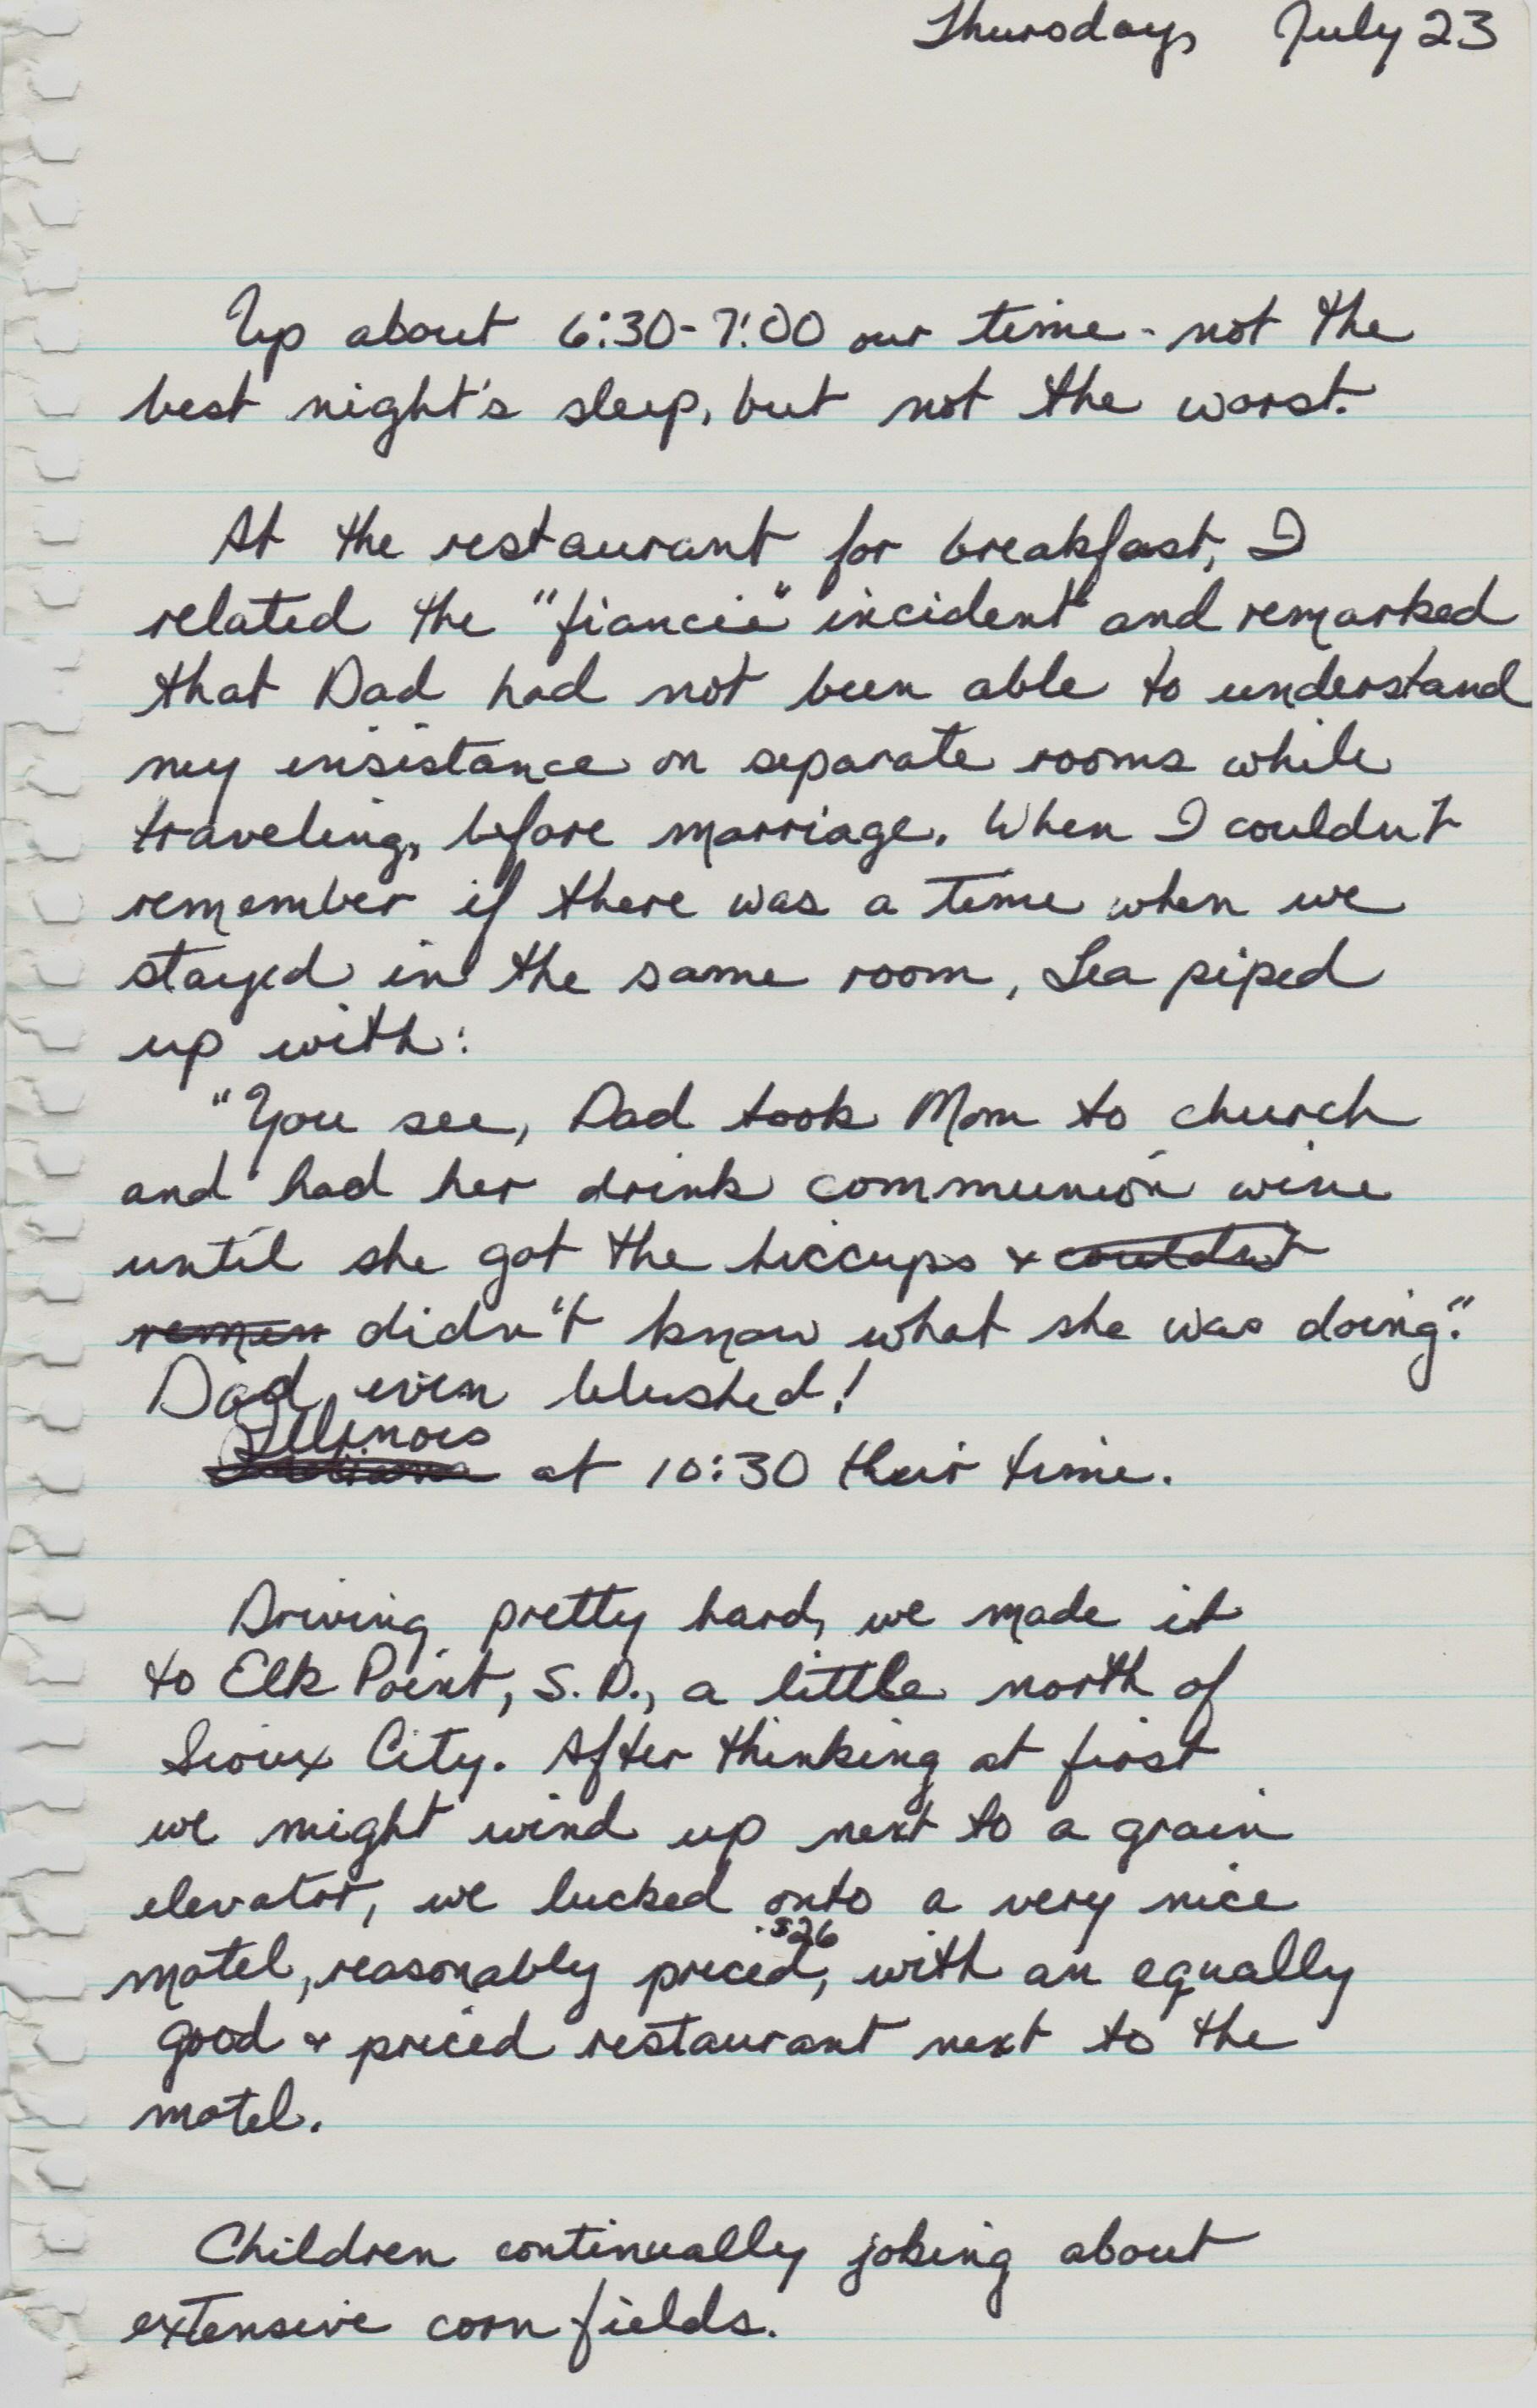 July 23, 1981